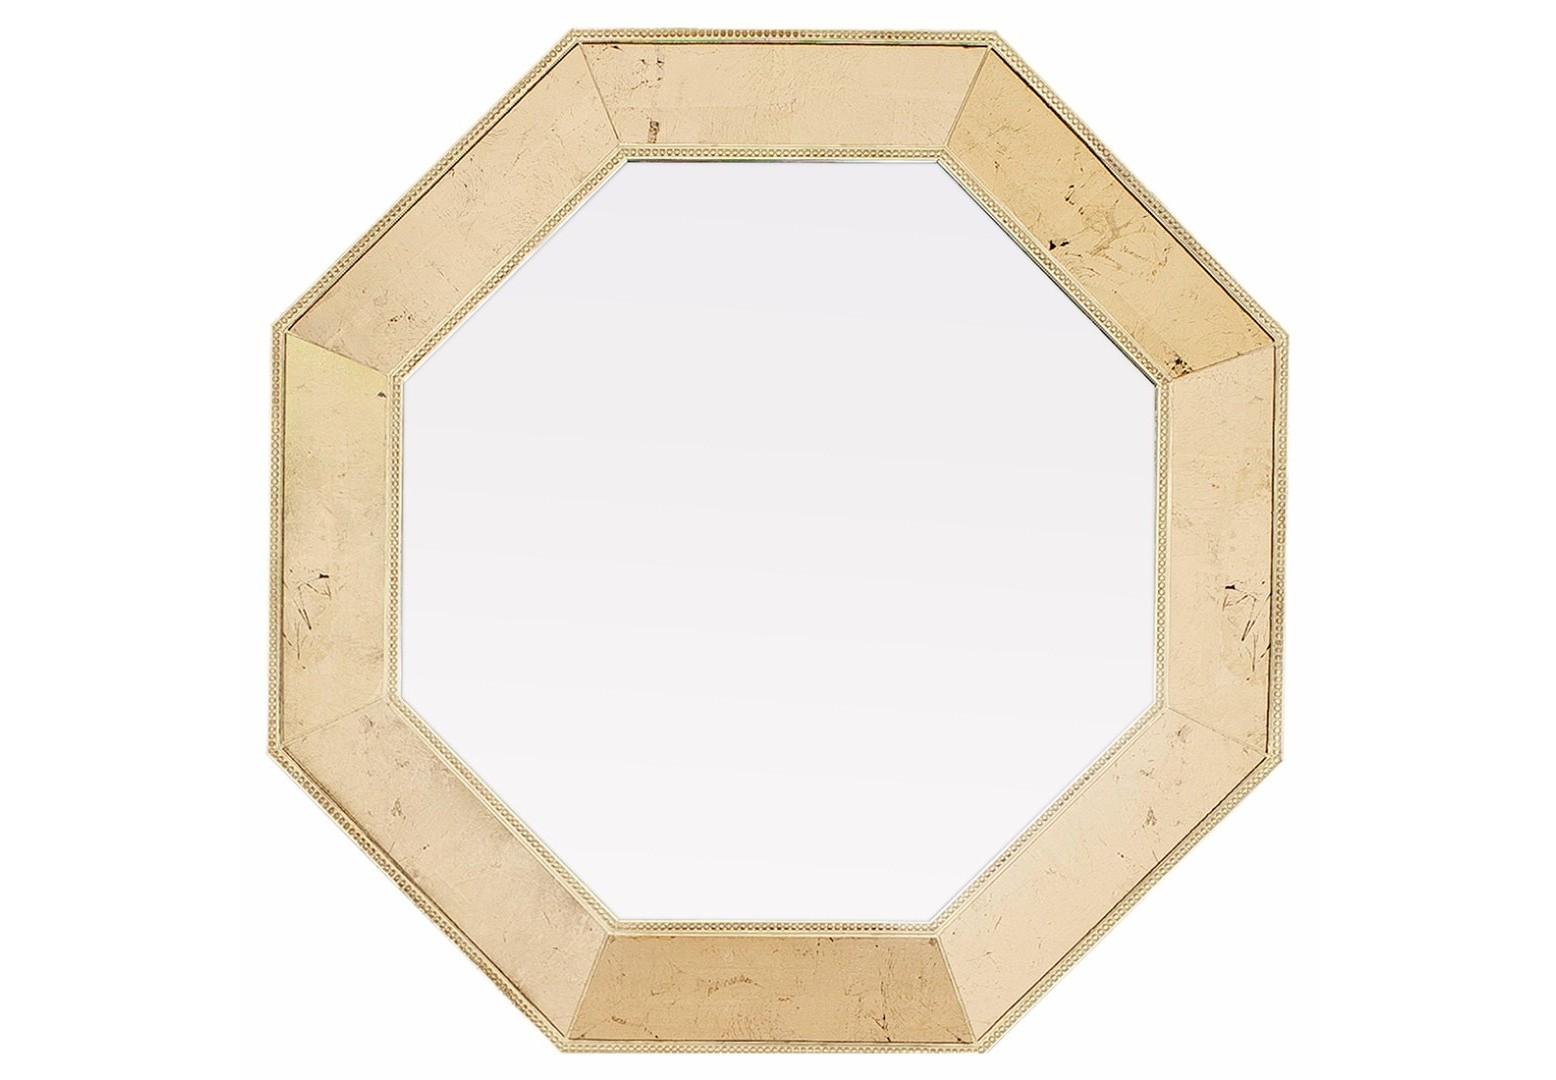 Зеркало KingНастенные зеркала<br>&amp;lt;div&amp;gt;Эксклюзивное зеркало ручной работы выполнено в форме роскошного золотого бриллианта с золотой состаренной каймой. Над его созданием кропотливо трудились руки самых искусных мастеров. Благодаря гармоничному сочетанию классического и поталевого зеркал обыкновенный предмет интерьера превратился в настоящее произведение искусства. Зеркало идеально дополнит пространство прихожей, а также станет центральным элементом в оформлении гостиной или спальни хозяев дома. По контуру рамы идет золотая не состаренная окантовка.&amp;lt;/div&amp;gt;&amp;lt;div&amp;gt;&amp;lt;br&amp;gt;&amp;lt;/div&amp;gt;&amp;lt;div&amp;gt;Возможно изготовление по Вашим цветам и размерам.&amp;lt;/div&amp;gt;&amp;lt;div&amp;gt;Материал: массив дерева, поталевое зеркало, классическое зеркало.&amp;lt;/div&amp;gt;<br><br>Material: Дерево<br>Ширина см: 64.0<br>Высота см: 64.0<br>Глубина см: 5.0